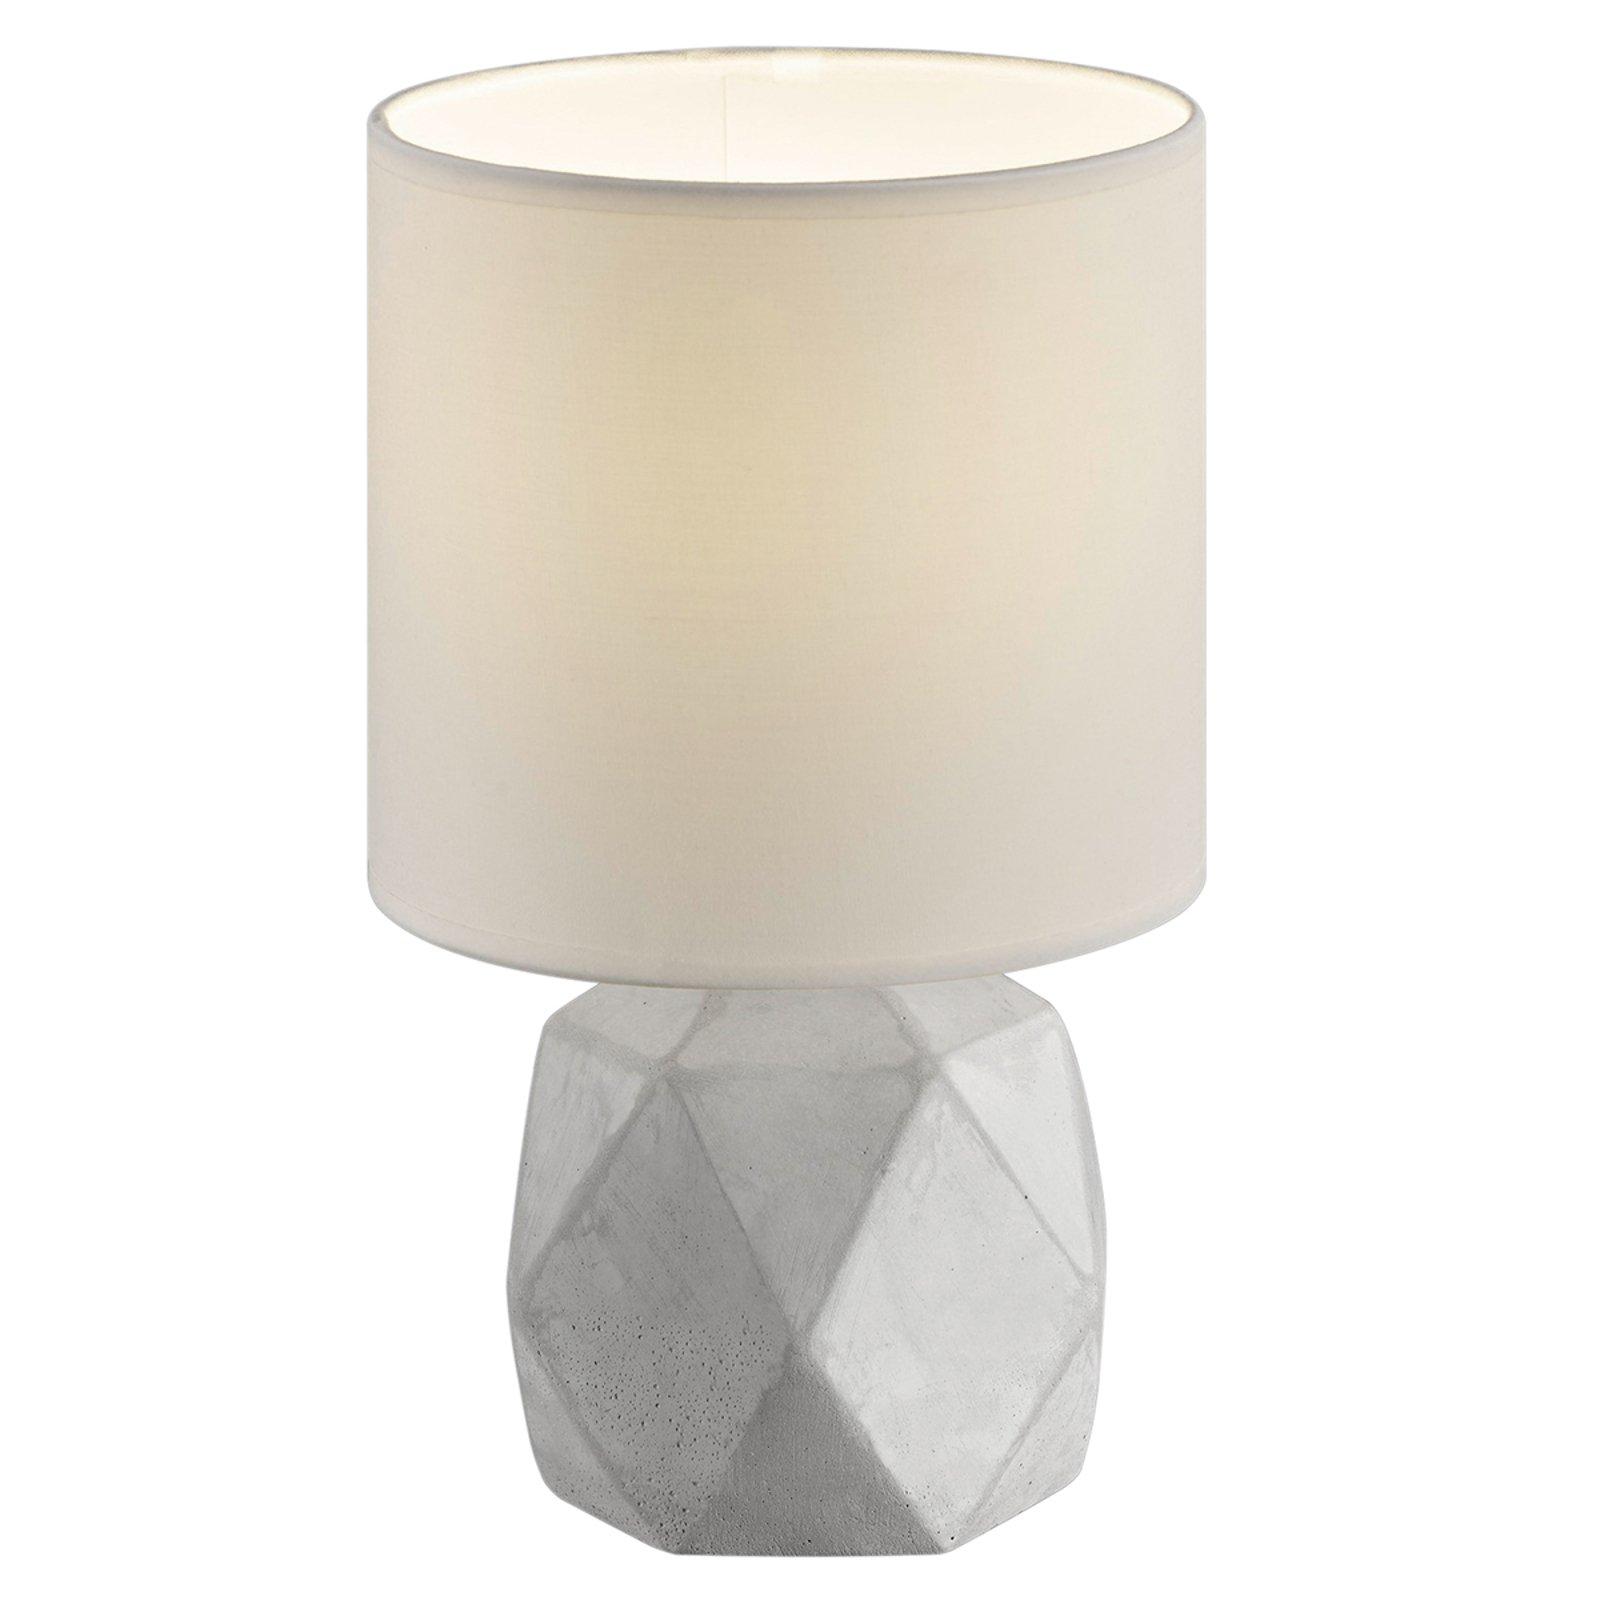 Tekstil bordlampen Pike med diamantformet fot.